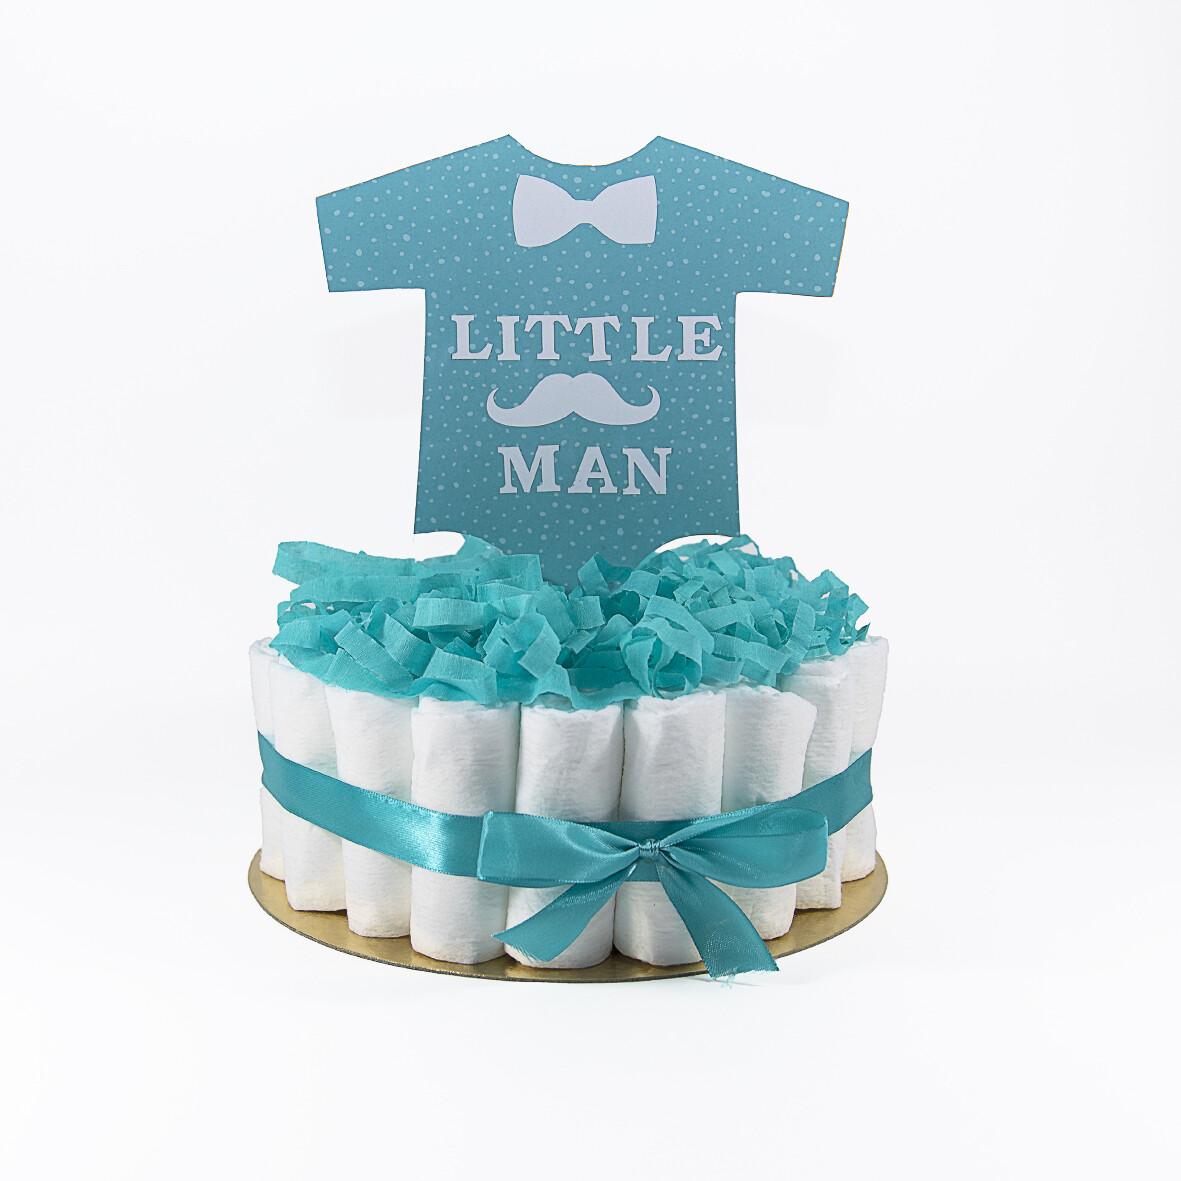 Little Man (klein)